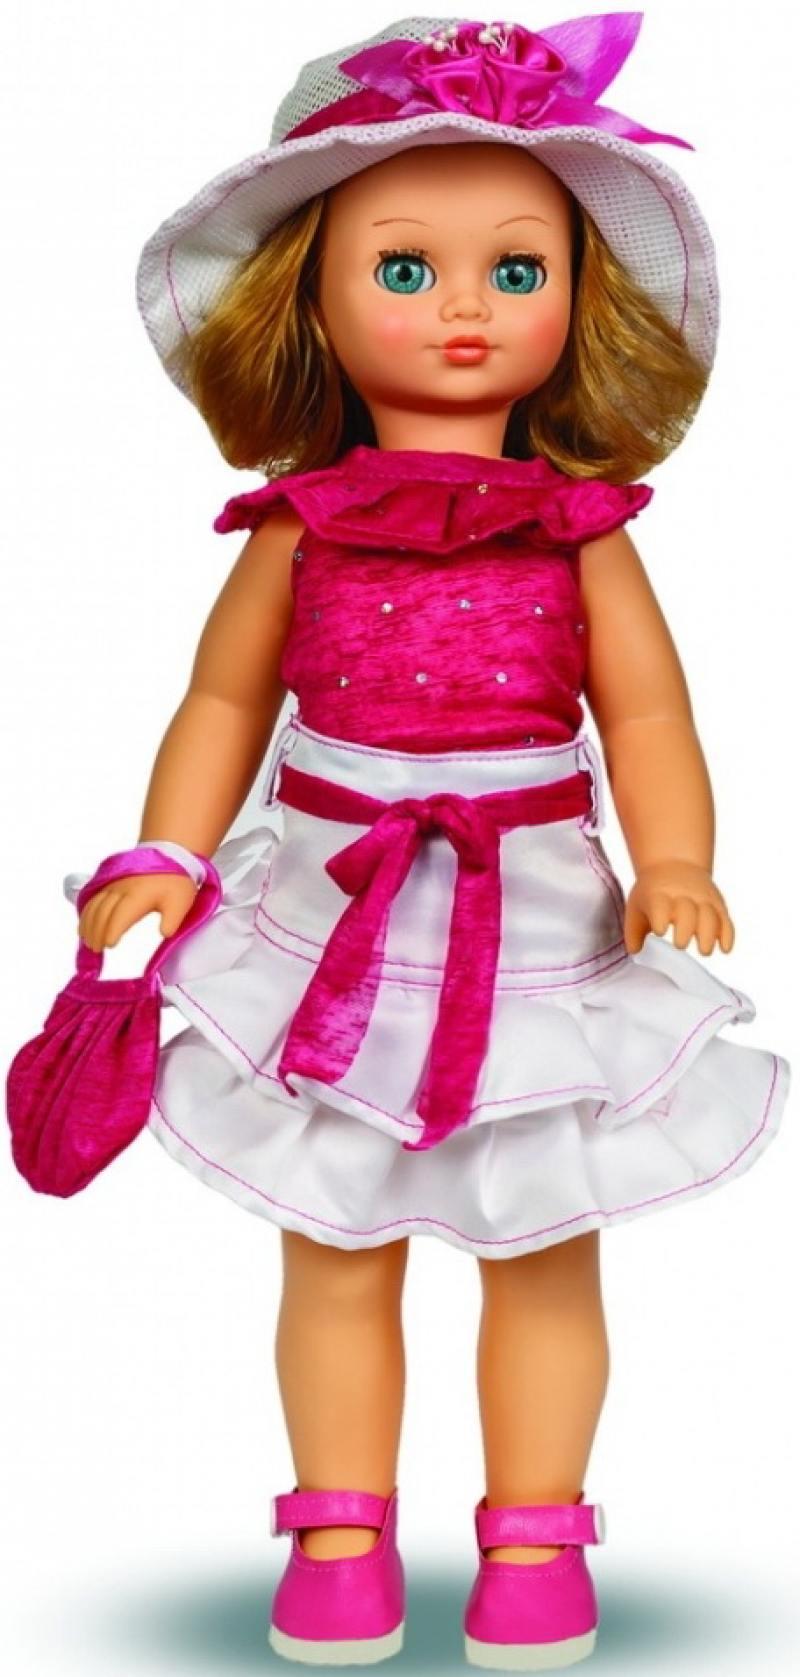 Кукла ВЕСНА Лиза 16 (озвученная) В2144/о кукла весна анна 18 озвученная в2952 о